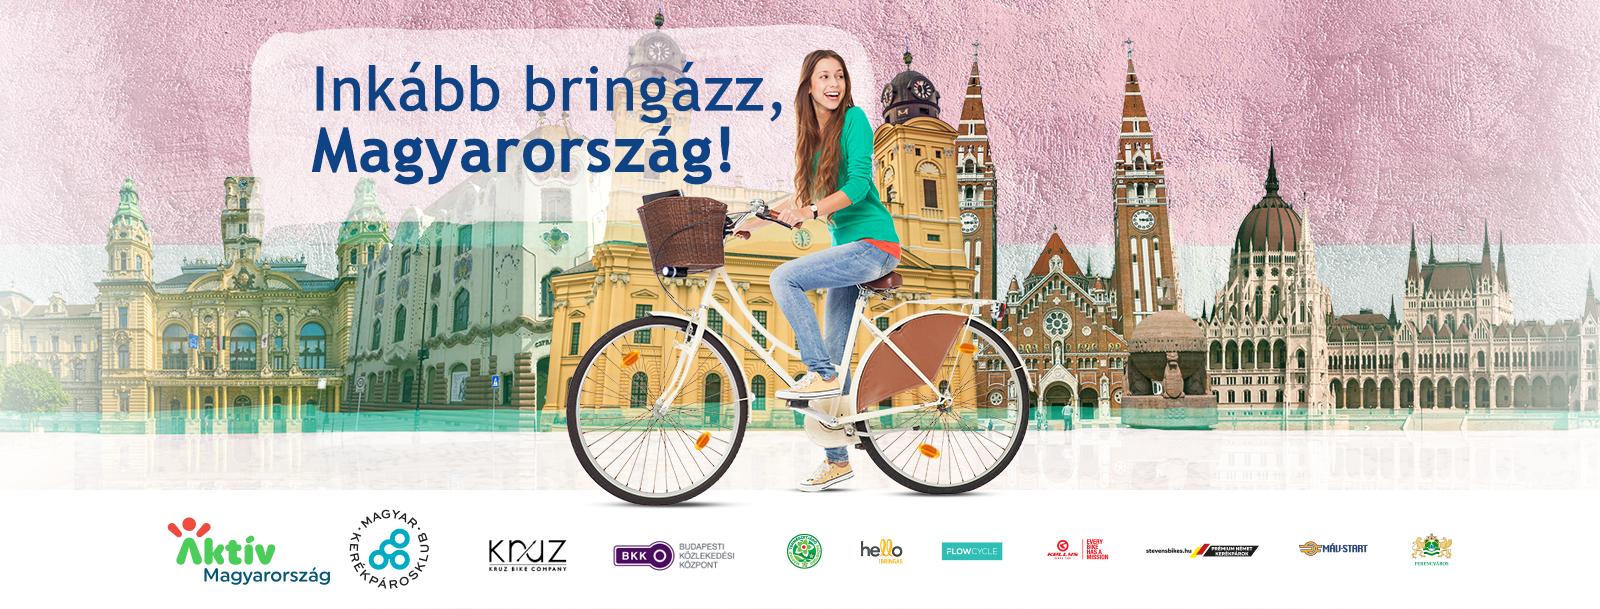 Inkább bringázz, Magyarország!